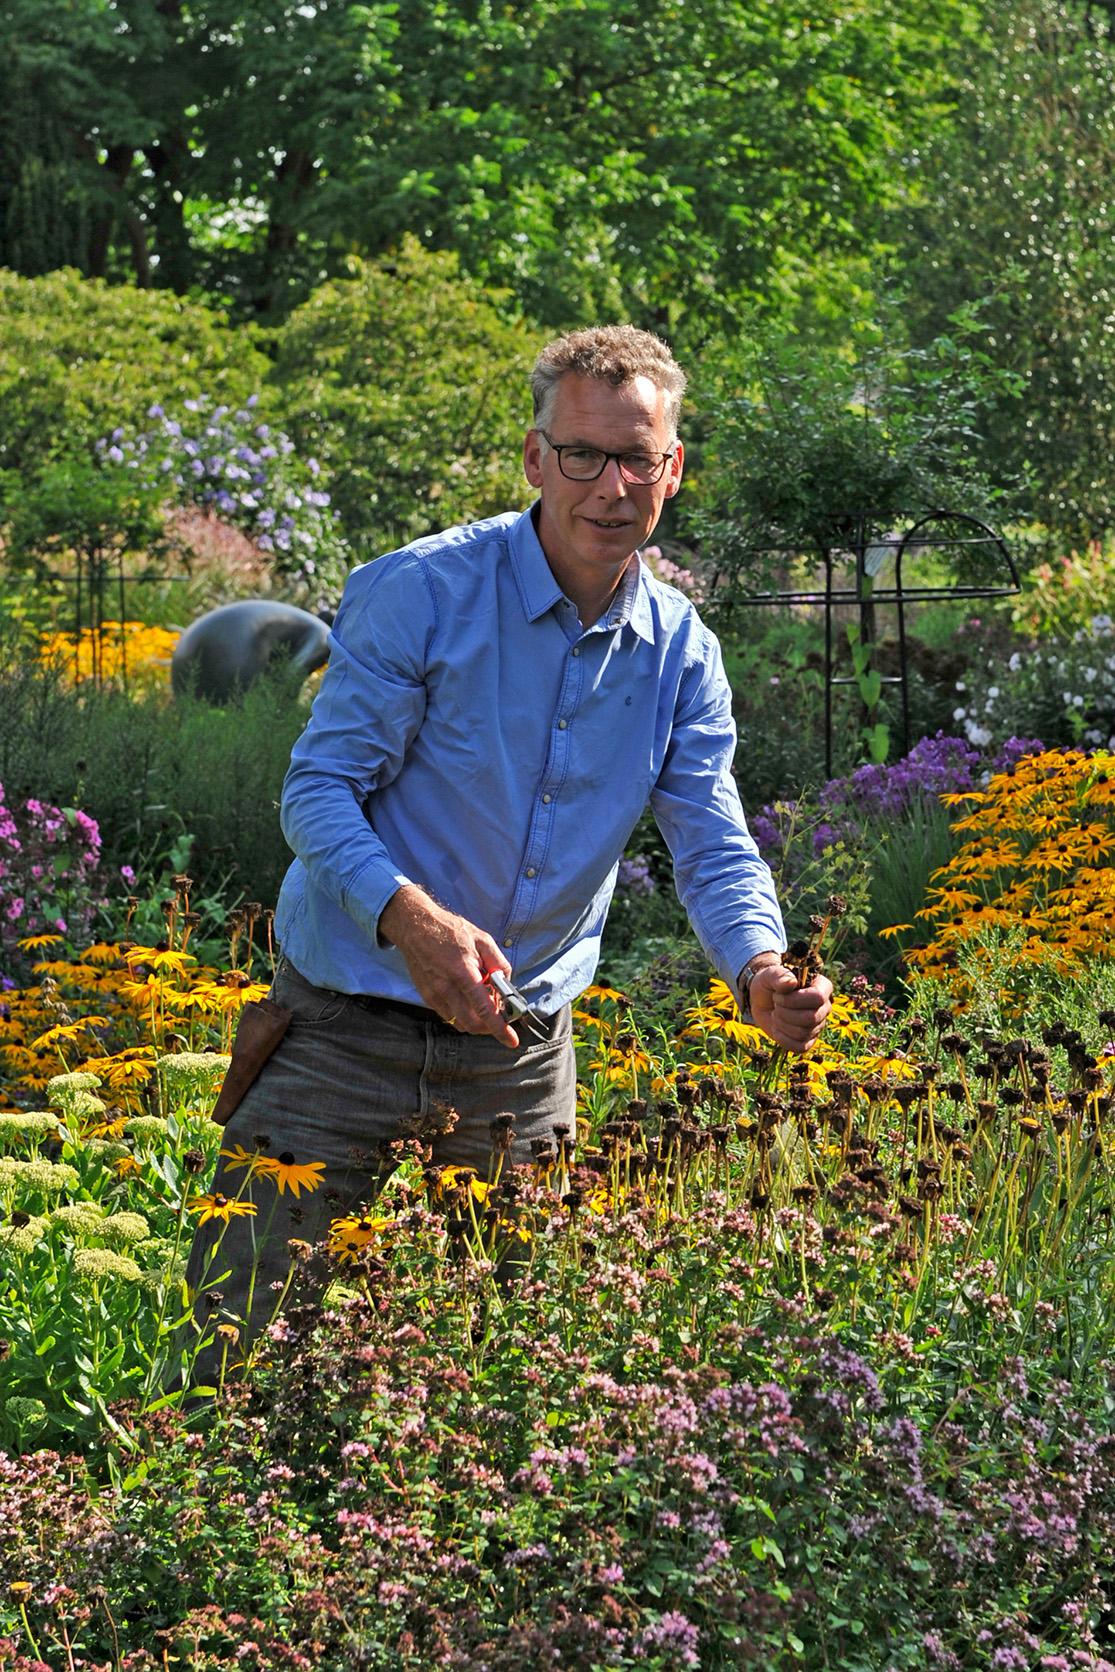 Vortrag Am 235 Garten Und Balkon Insektenfreundlich